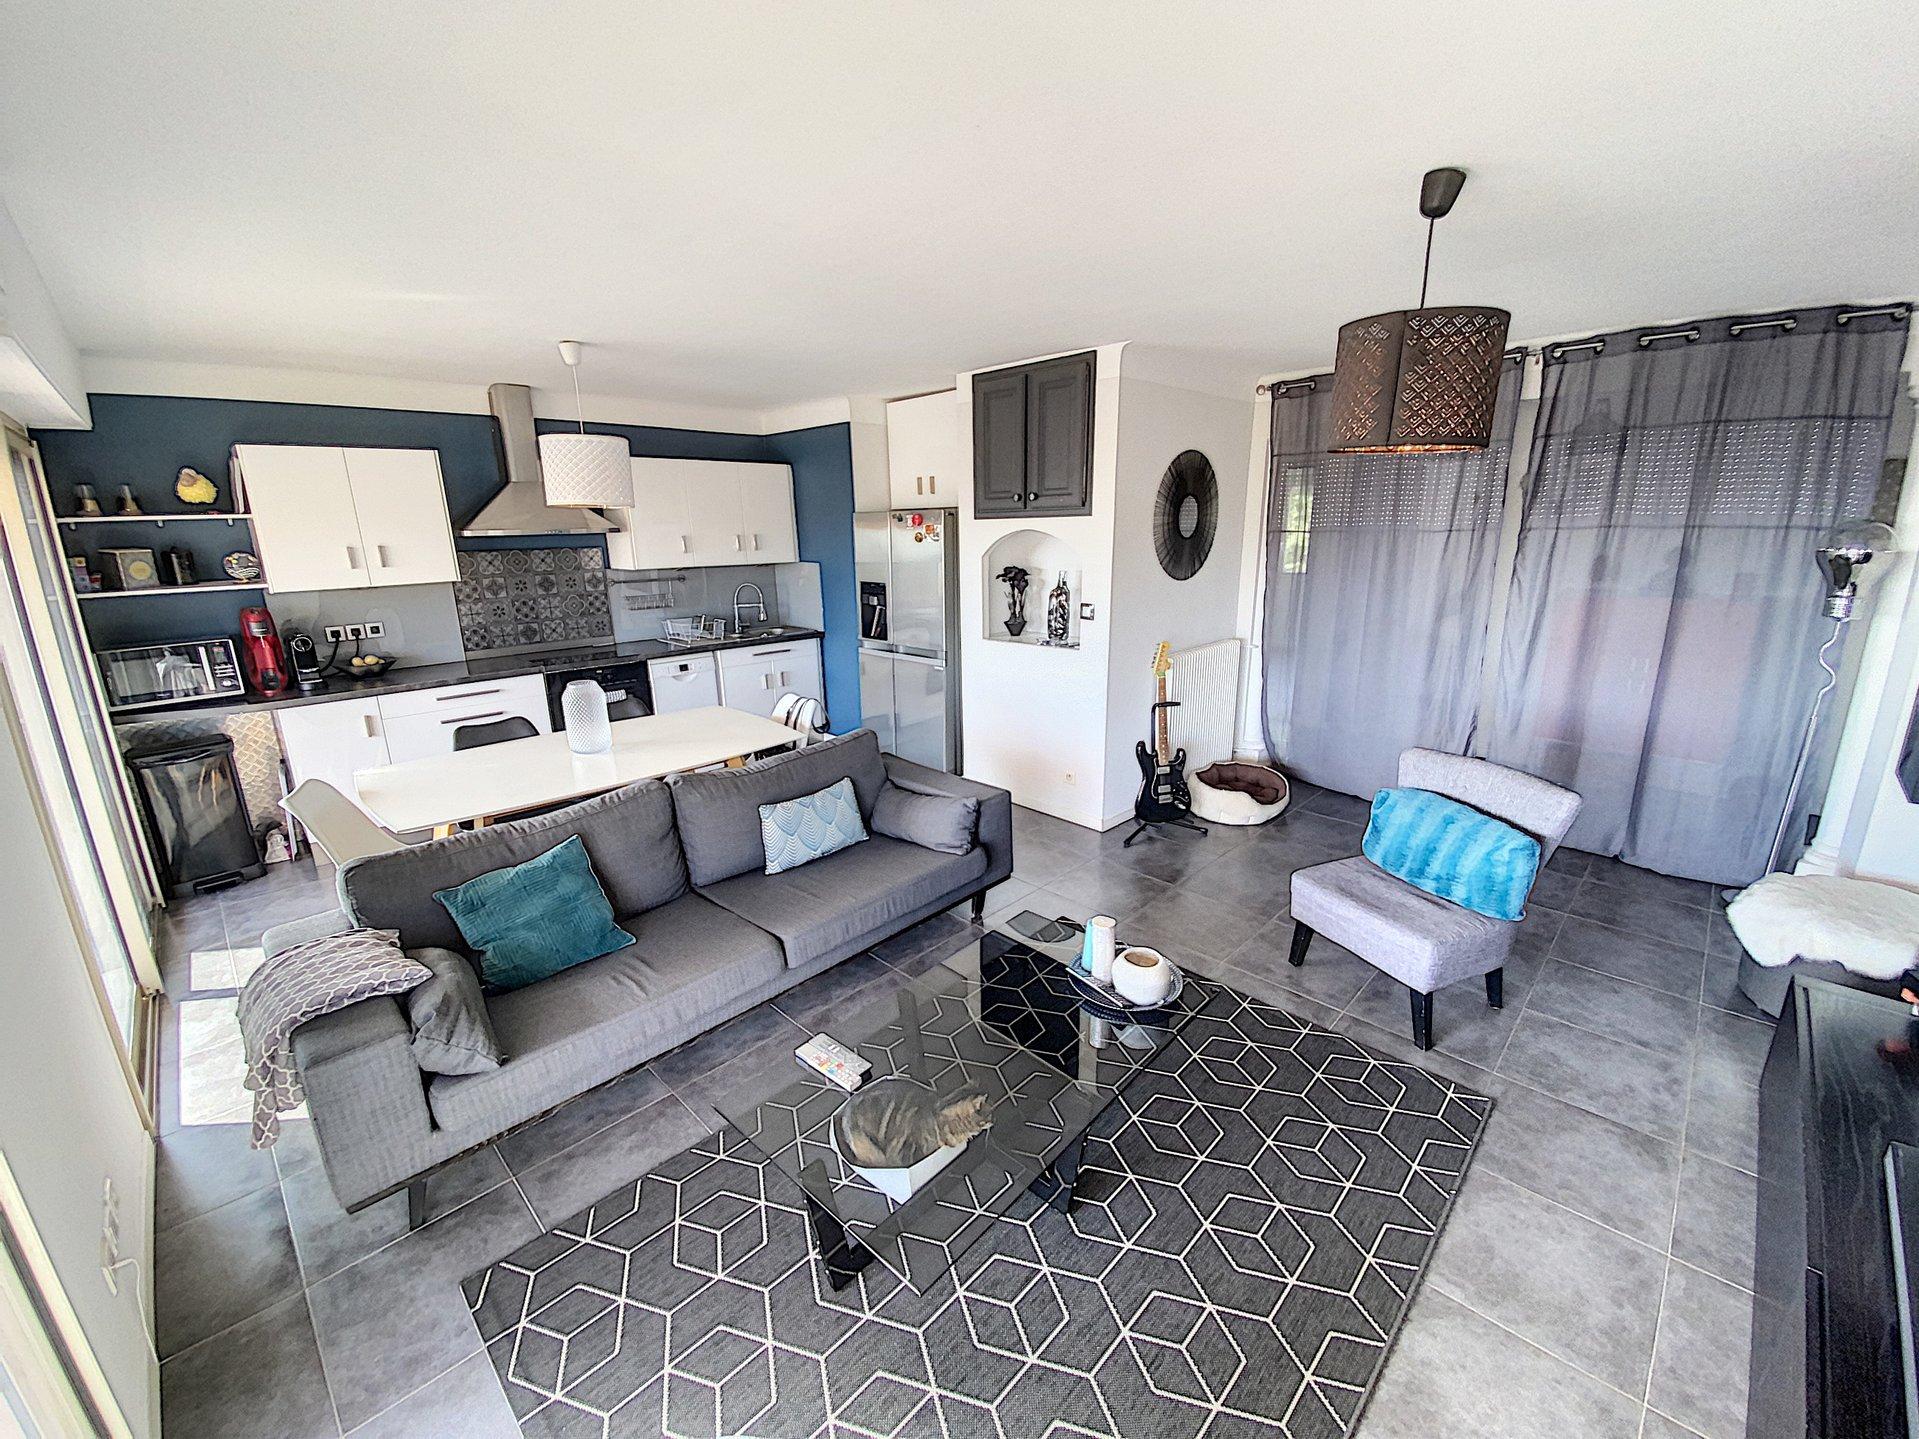 SAINT LAURENT DU VAR (06700) - Appartement 3/4 pièces - 2 chambres - 1 bureau